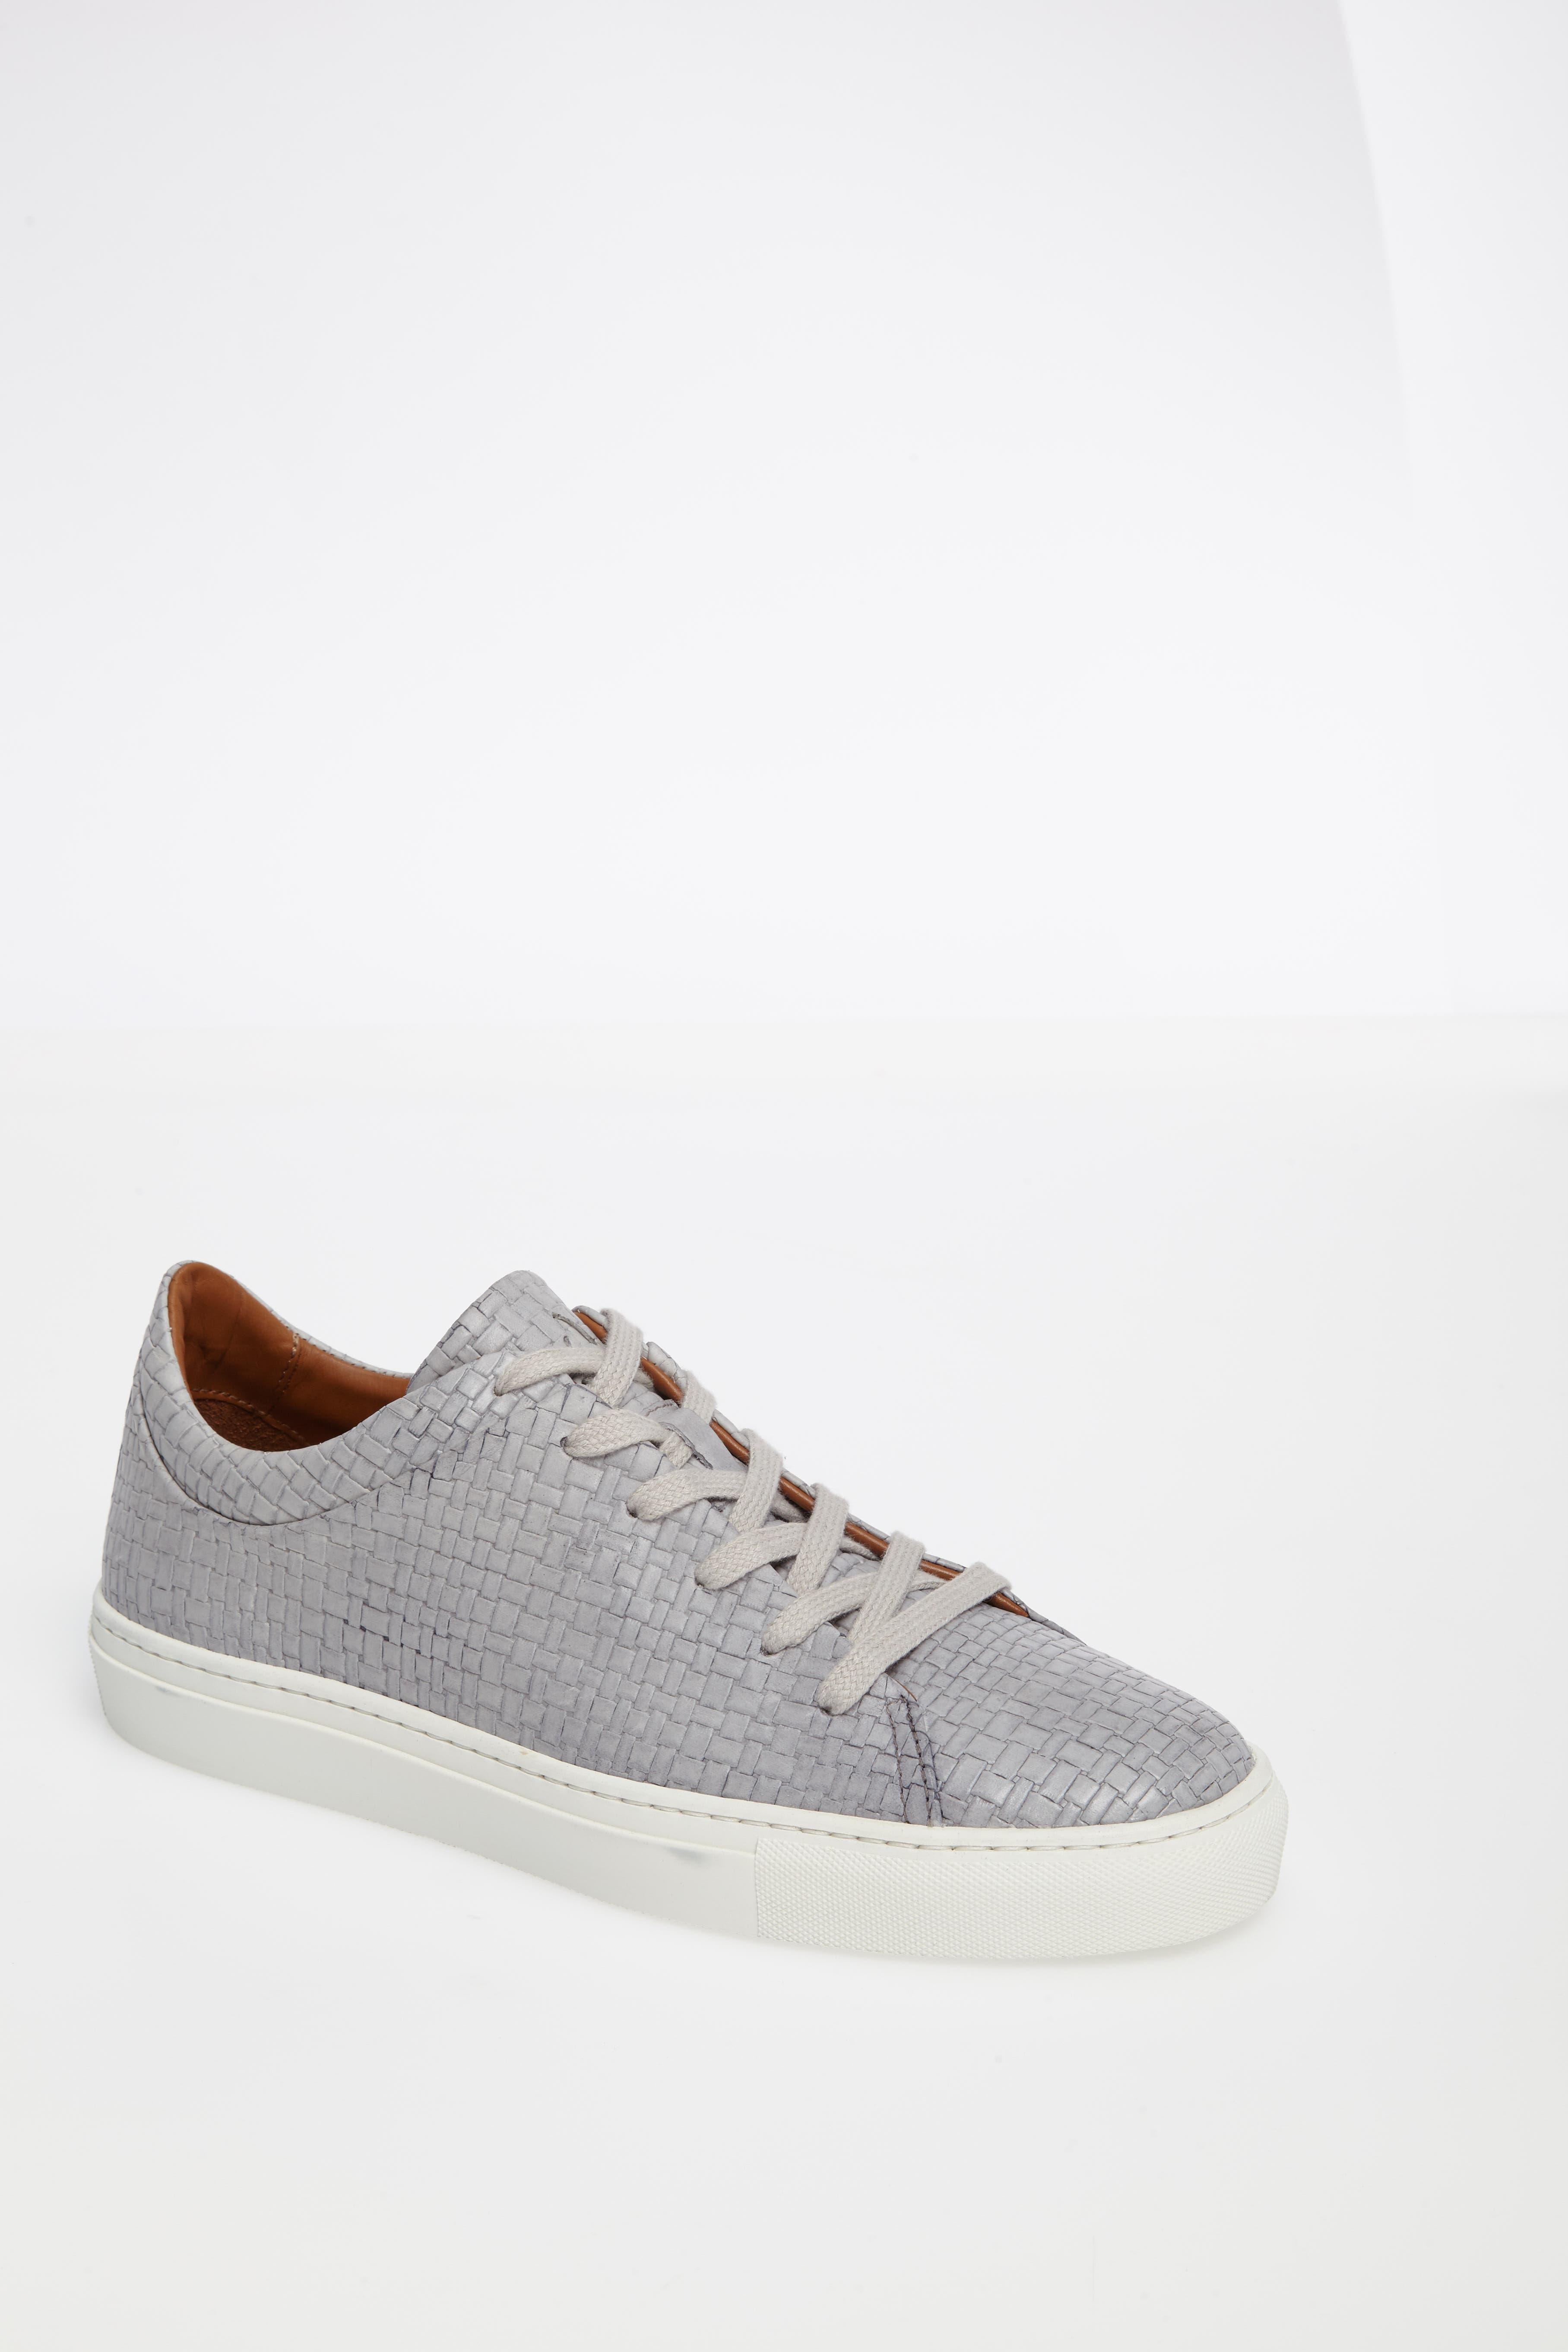 Aquatalia Alaric Sneaker (Men)